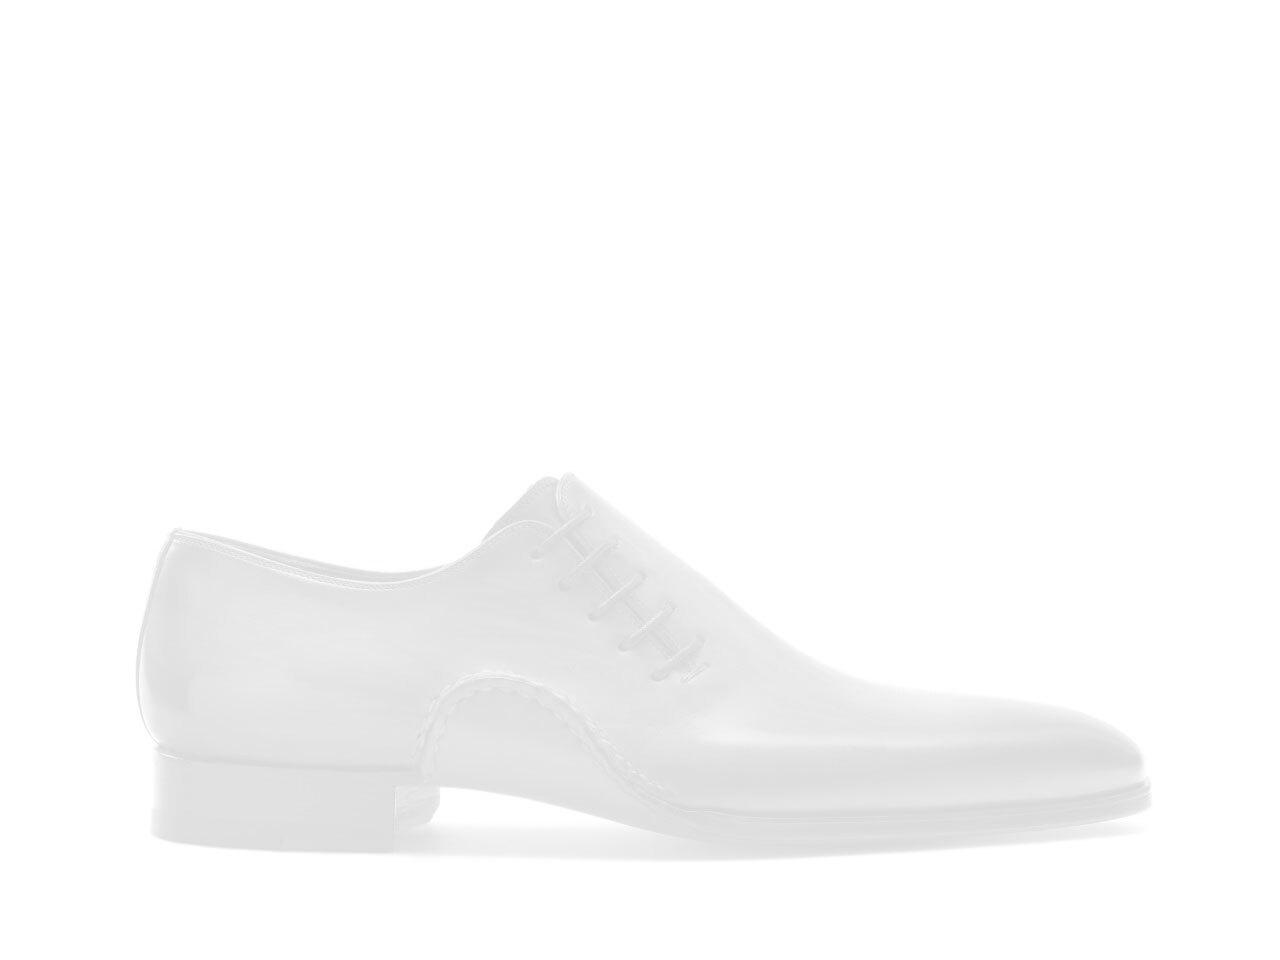 Pair of the Magnanni Casol Cognac Men's Oxford Shoes